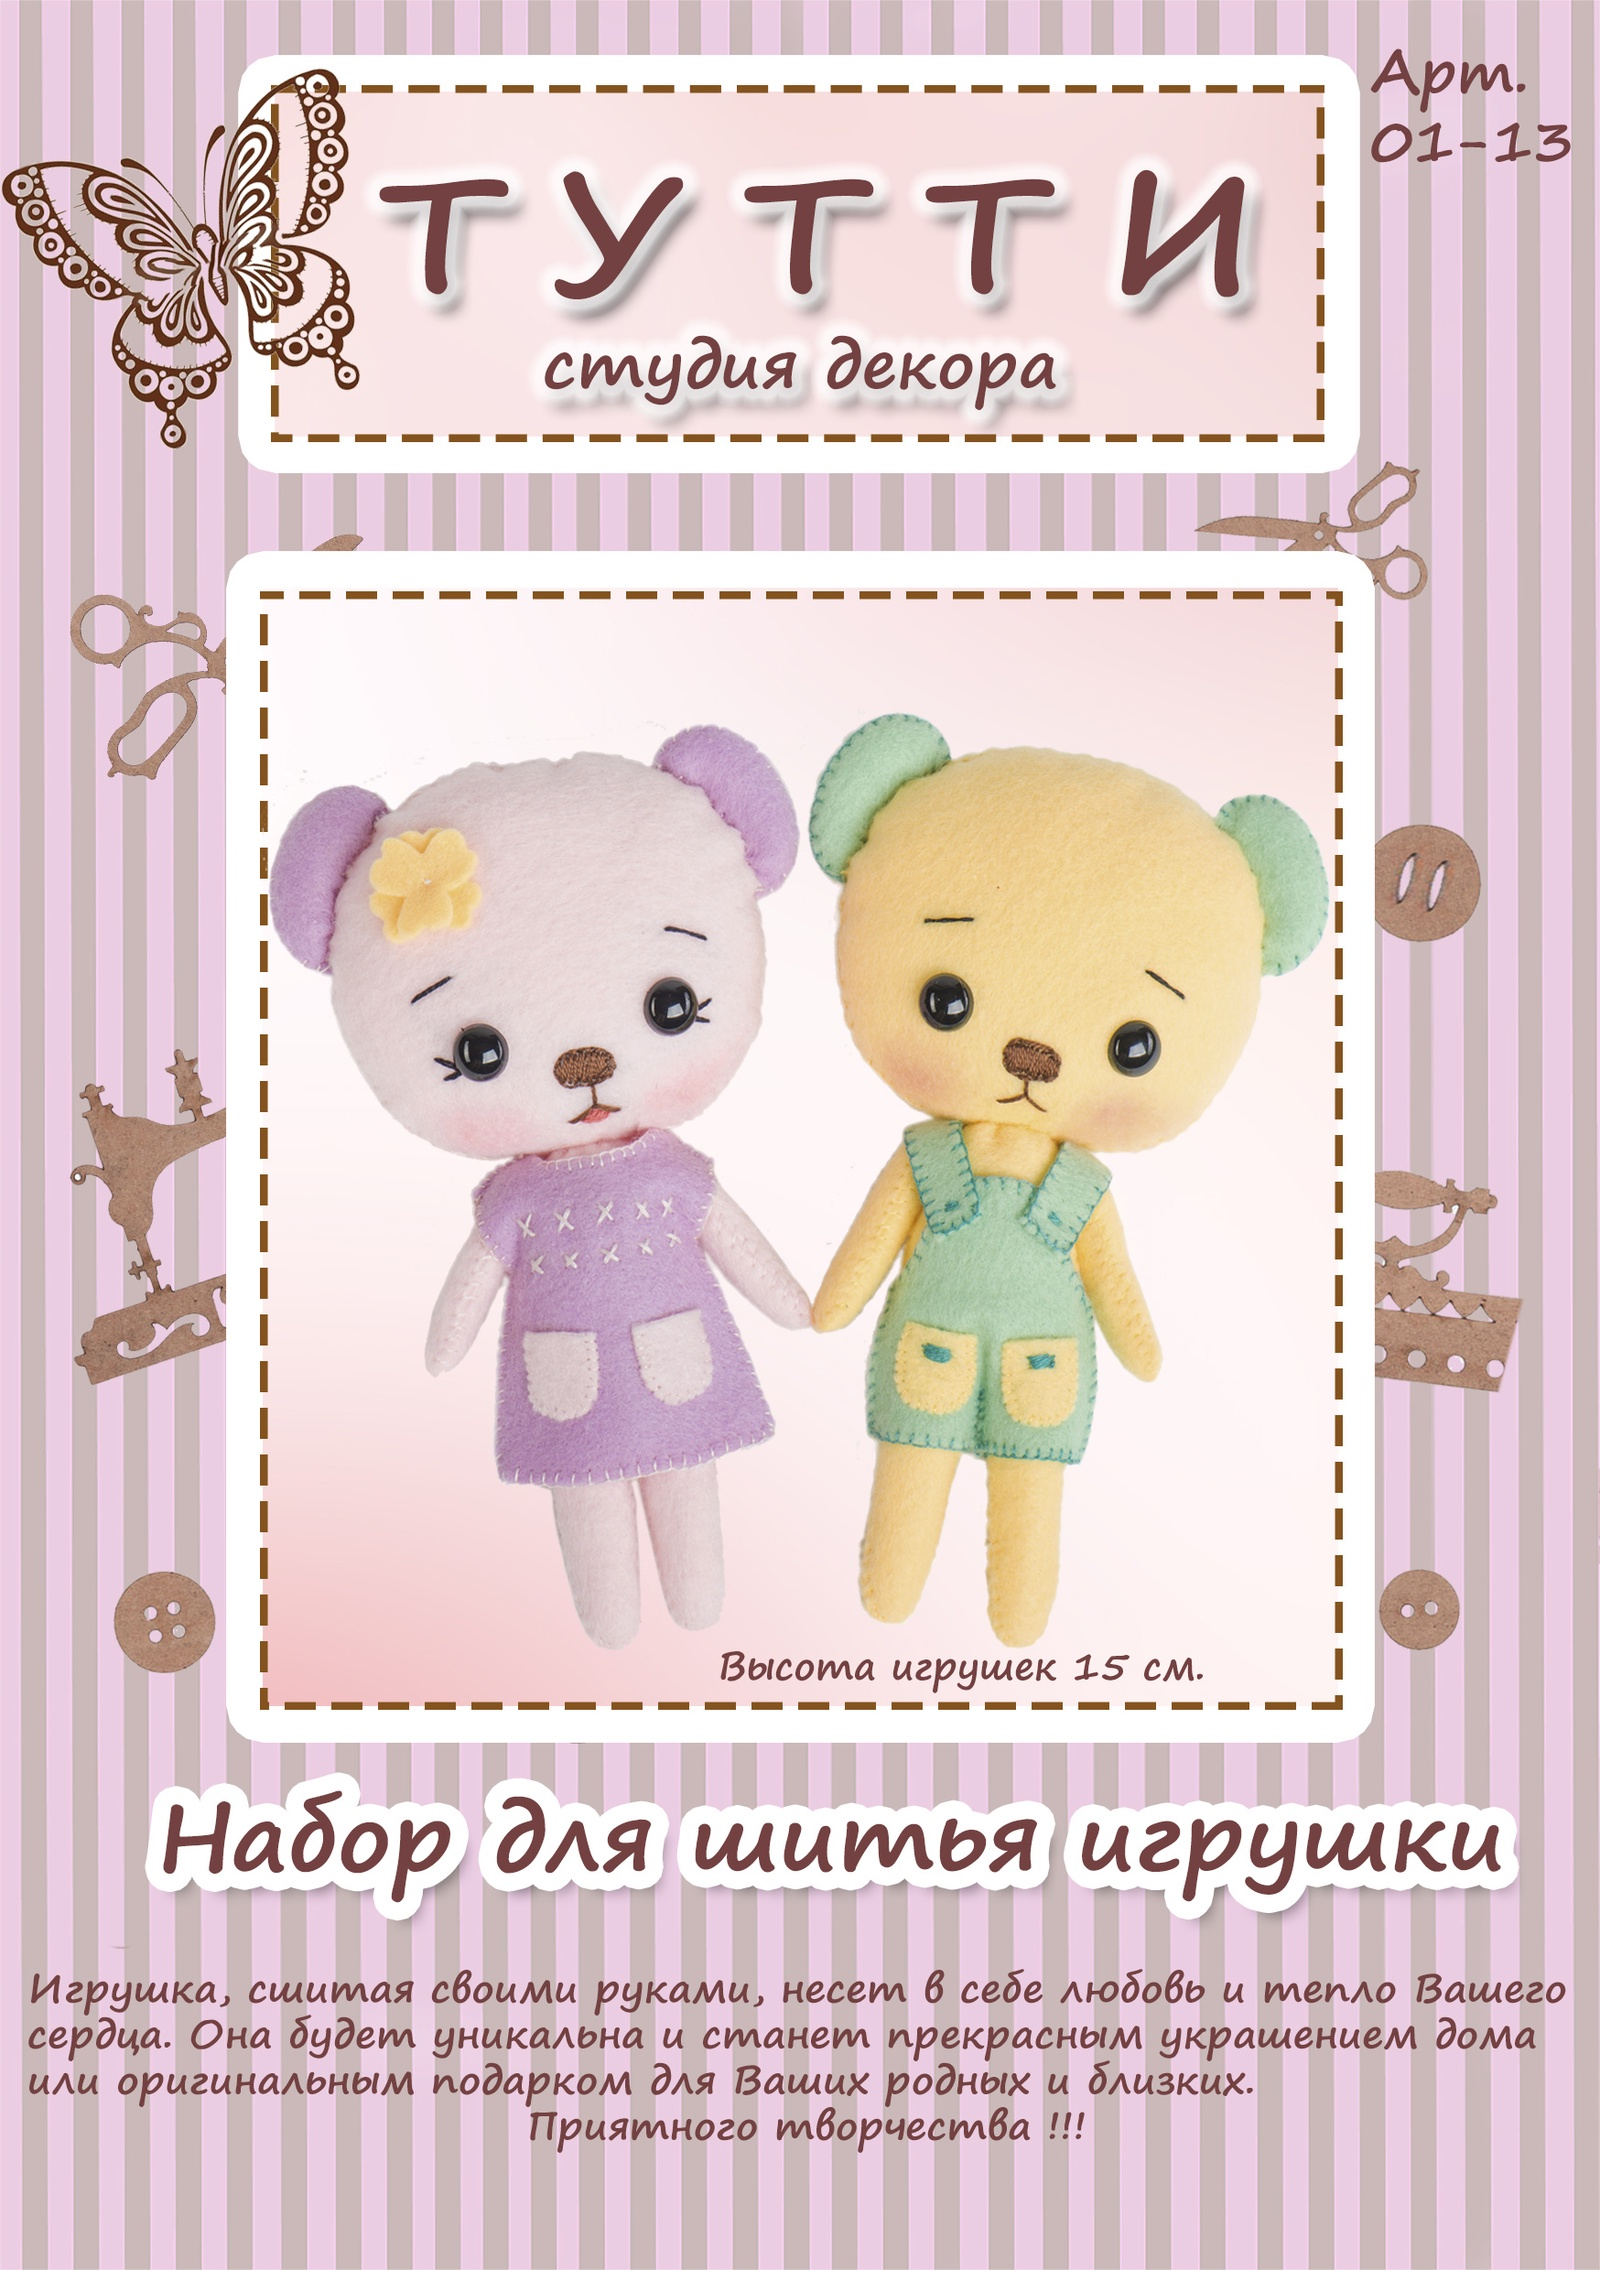 """Набор для шитья игрушки из фетра Тутти """"Медвежата Лили и Санни"""", 01-13"""